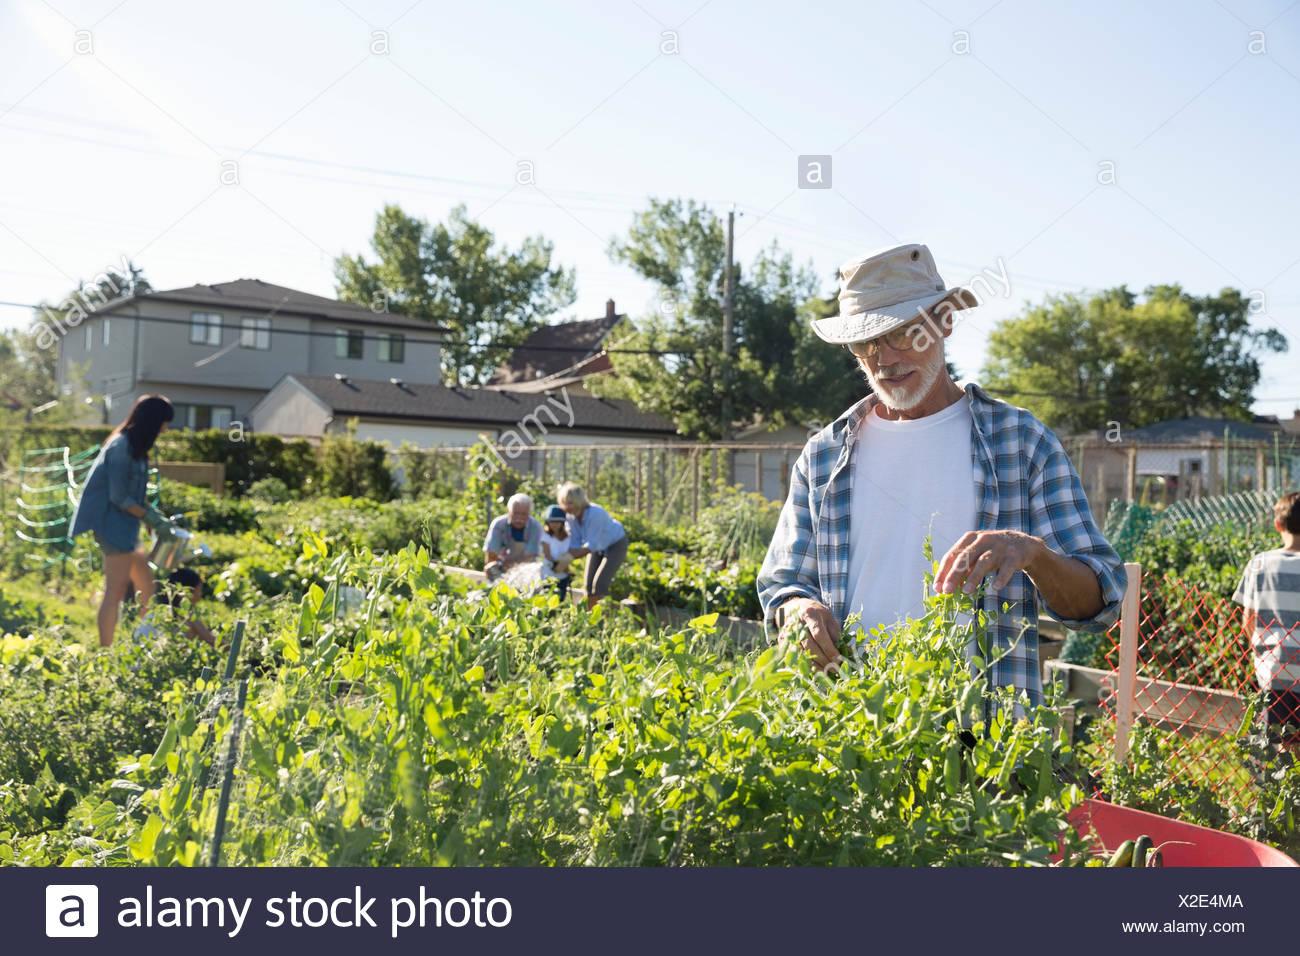 Senior man tending to community vegetable garden - Stock Image